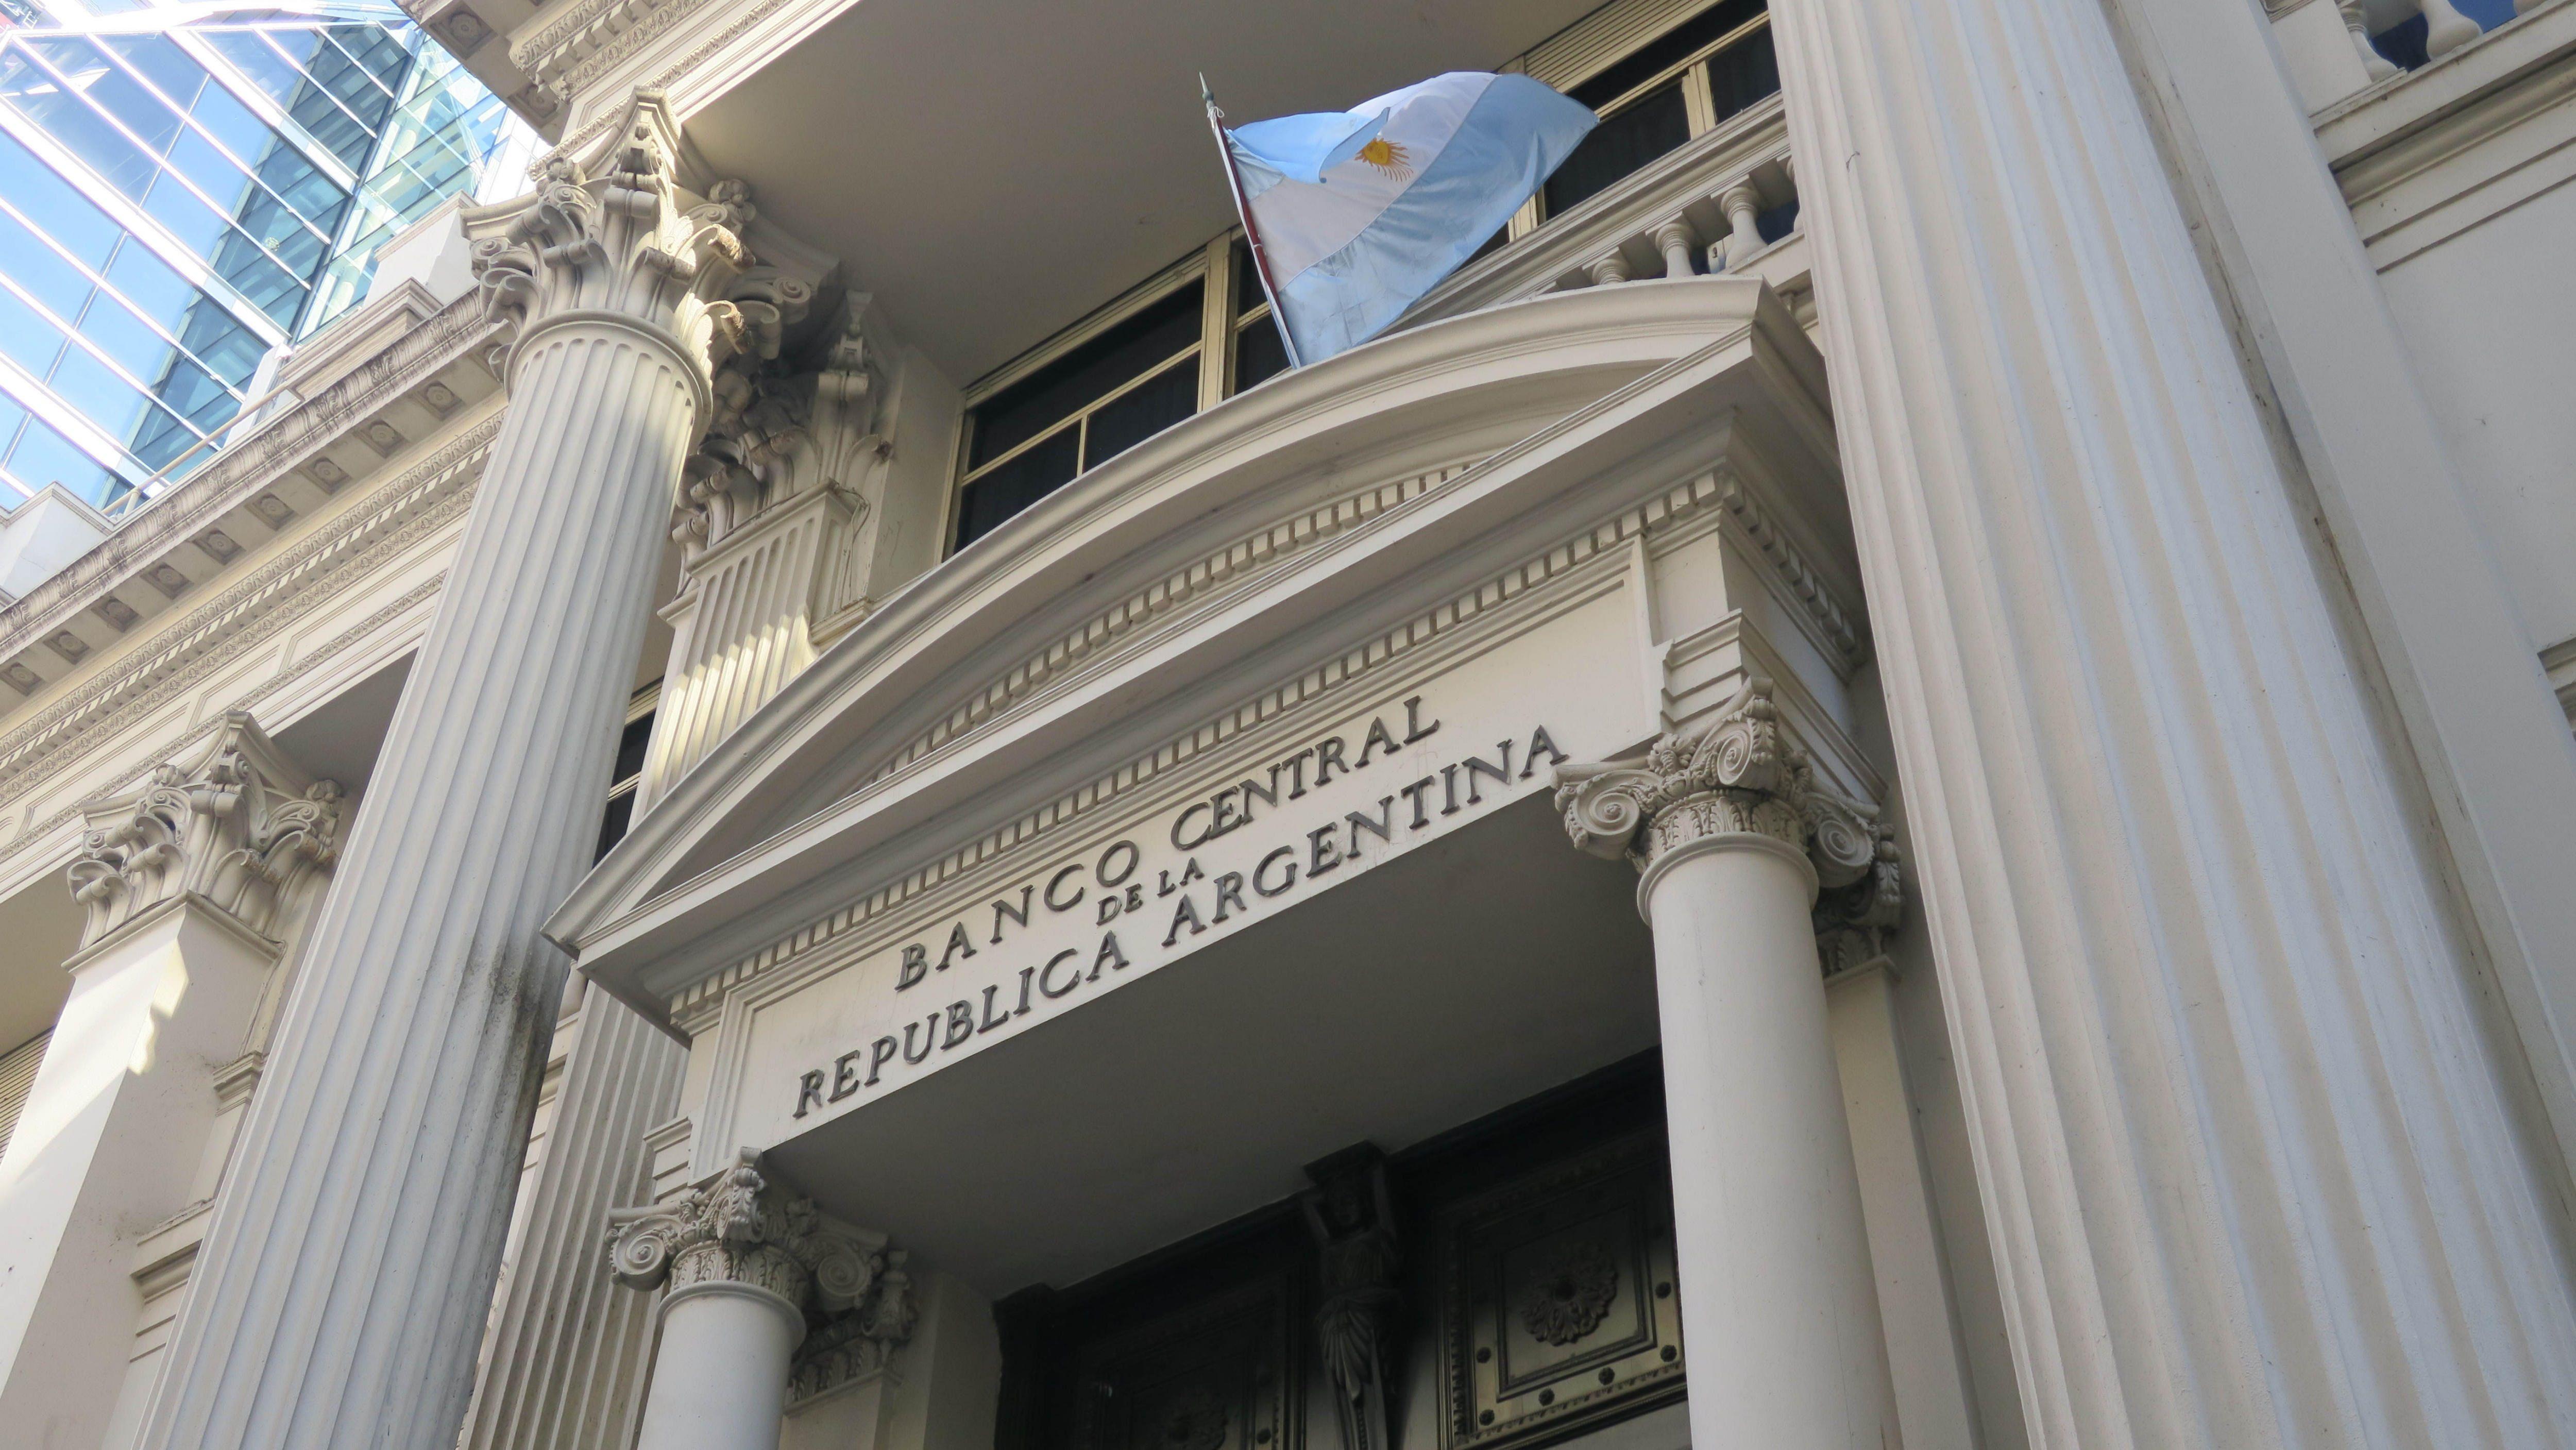 Vista general de la fachada del edificio del Banco Central de la República de Argentina en Buenos Aires. EFE/Cristina Terceiro/Archivo